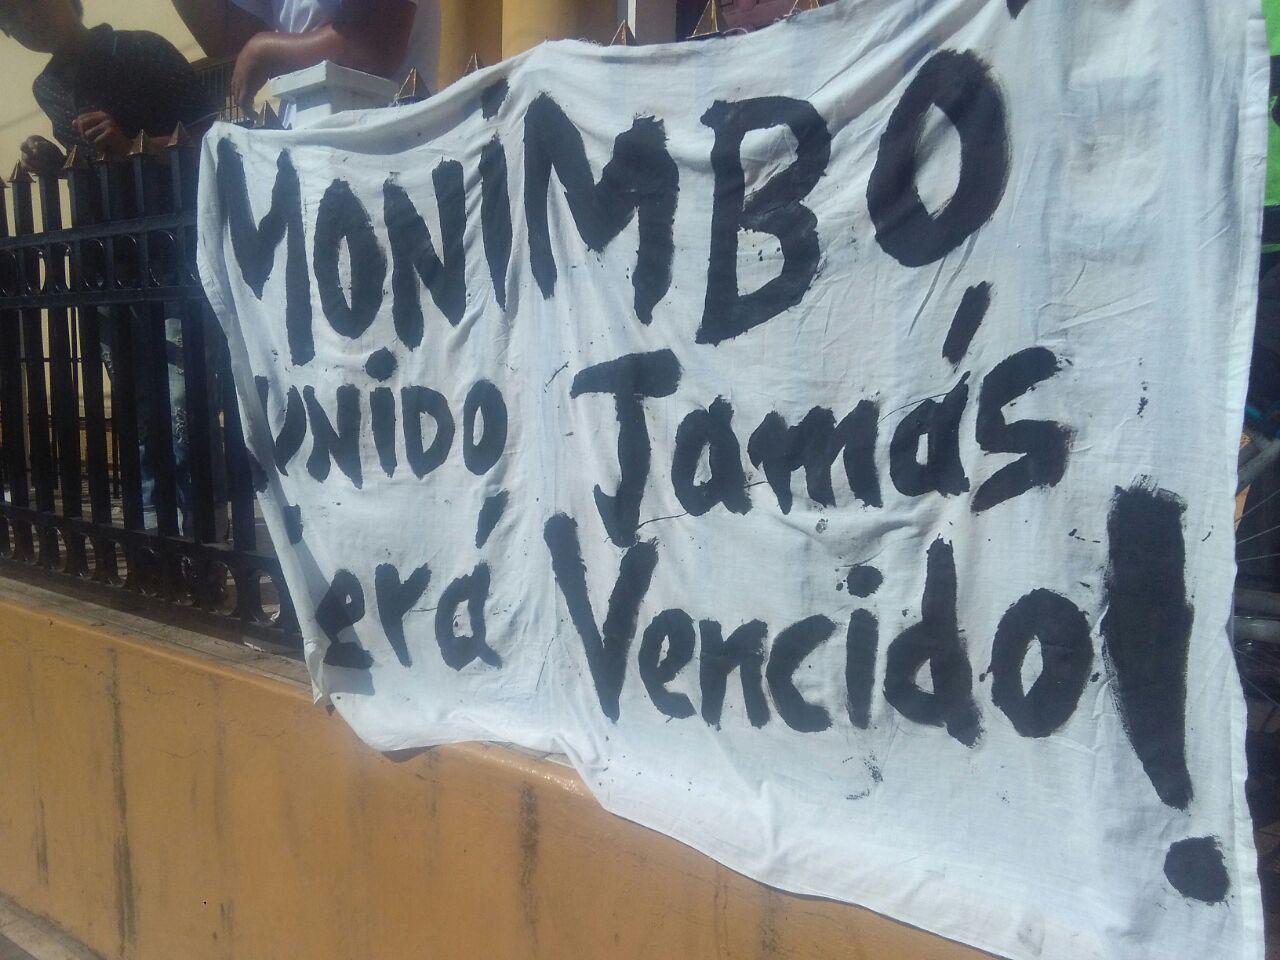 Ciudadanos explotan bombas de contacto en Monimbó. Foto ilustrativa/ END Cortesía